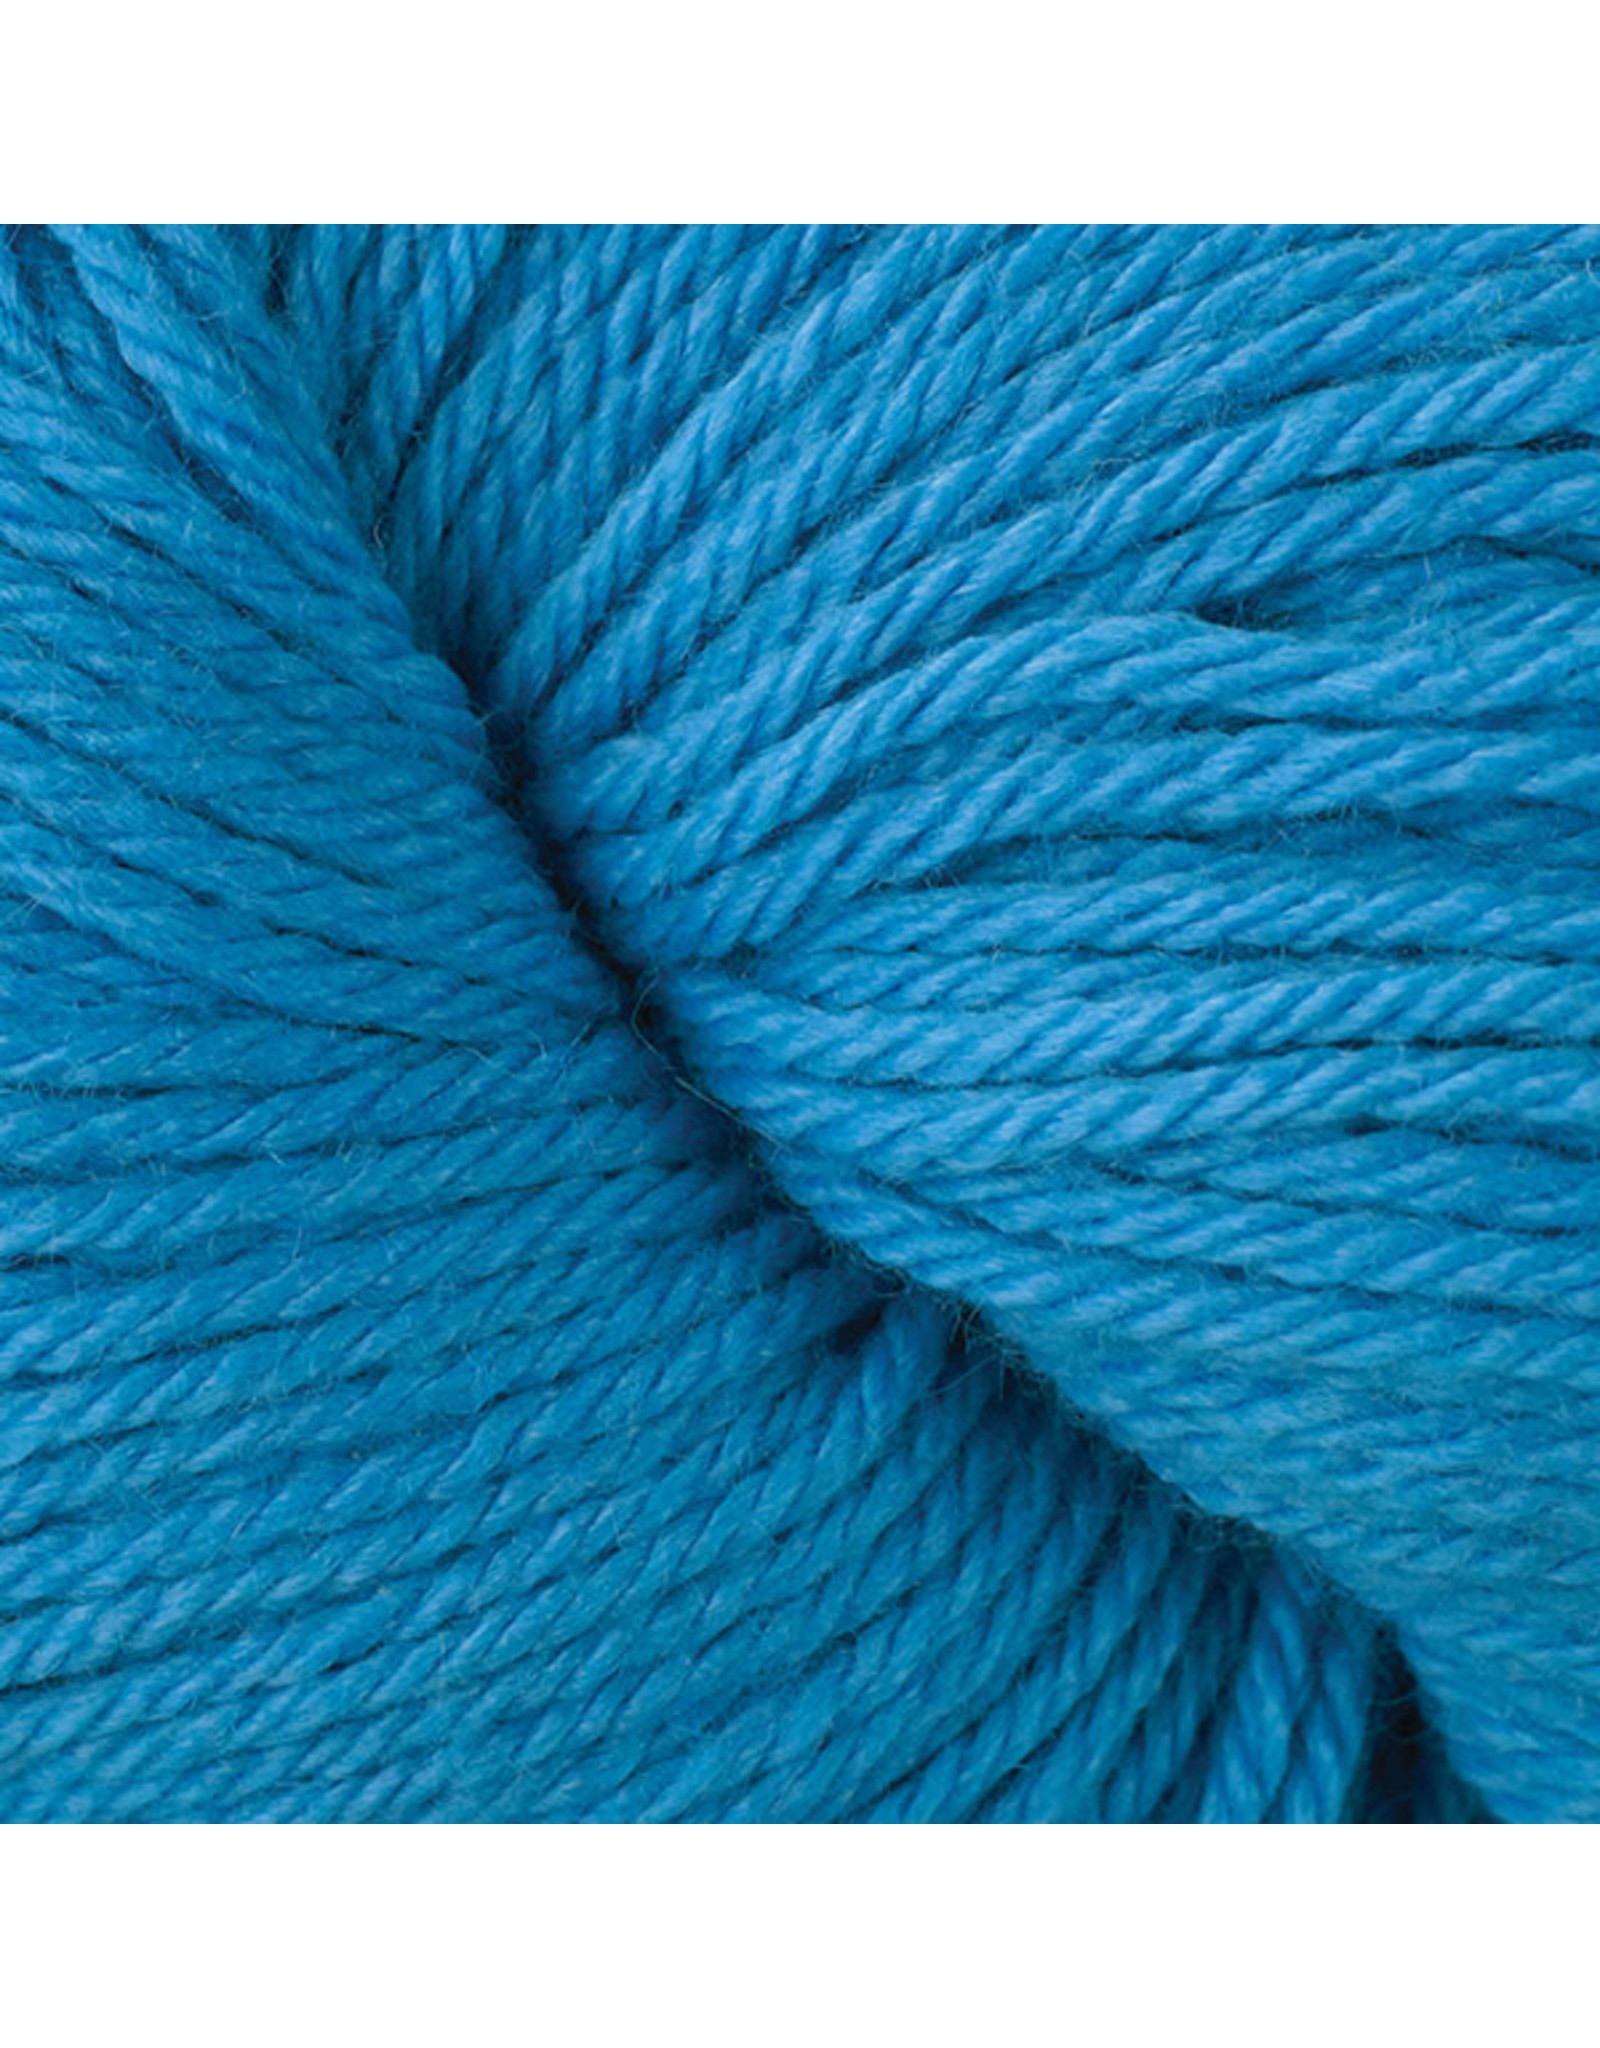 51134 Horizon Blue - Vintage - Berroco